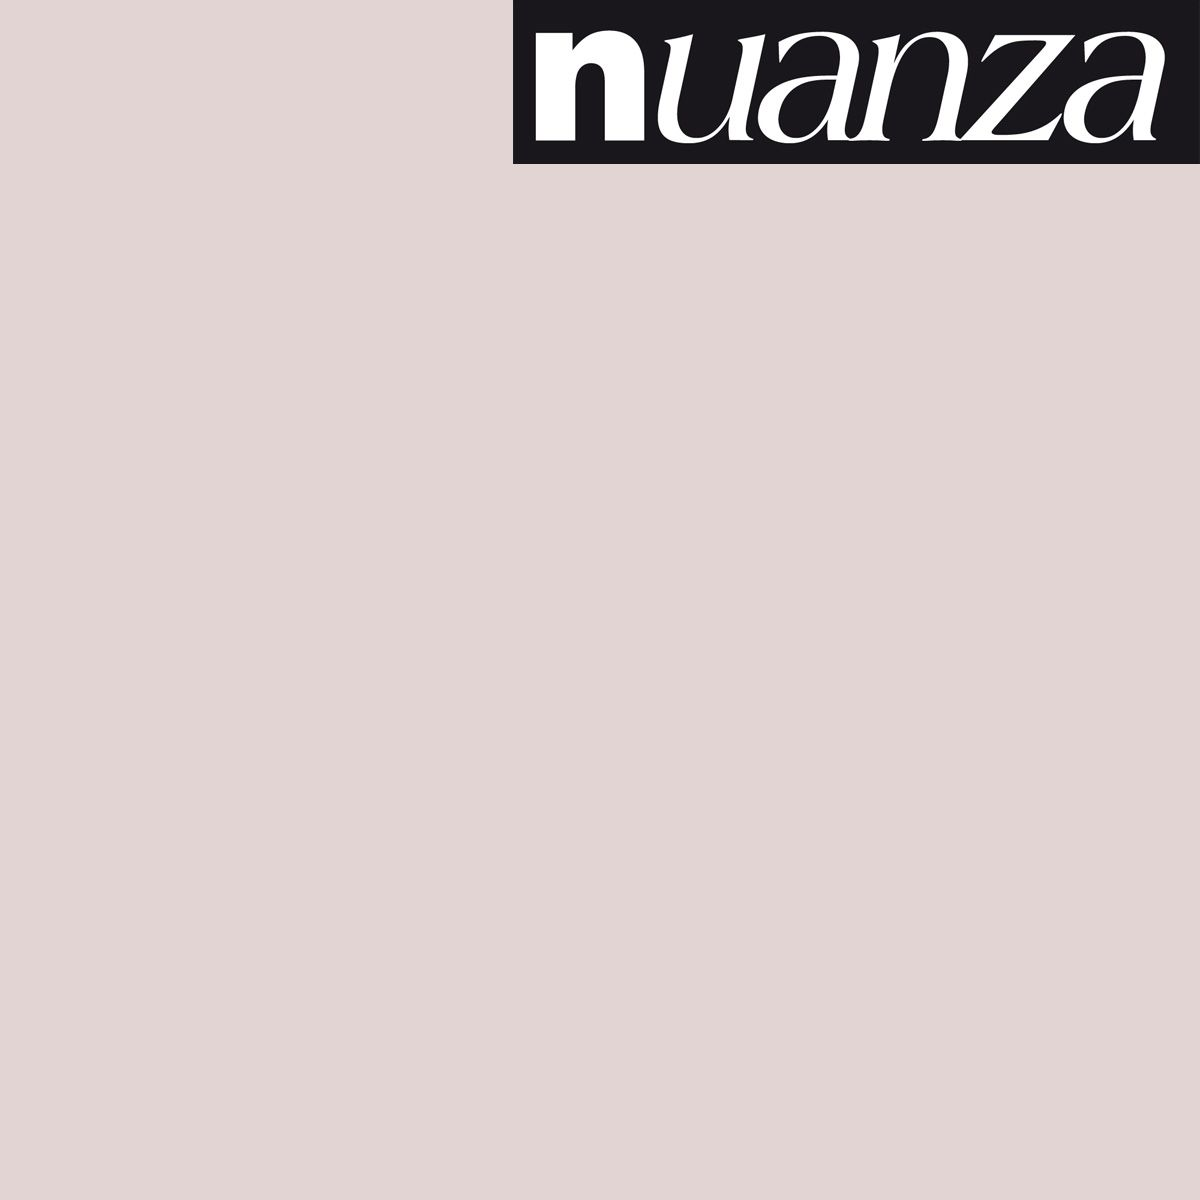 Peinture Nuanza satin monocouche rose pale 0.5l